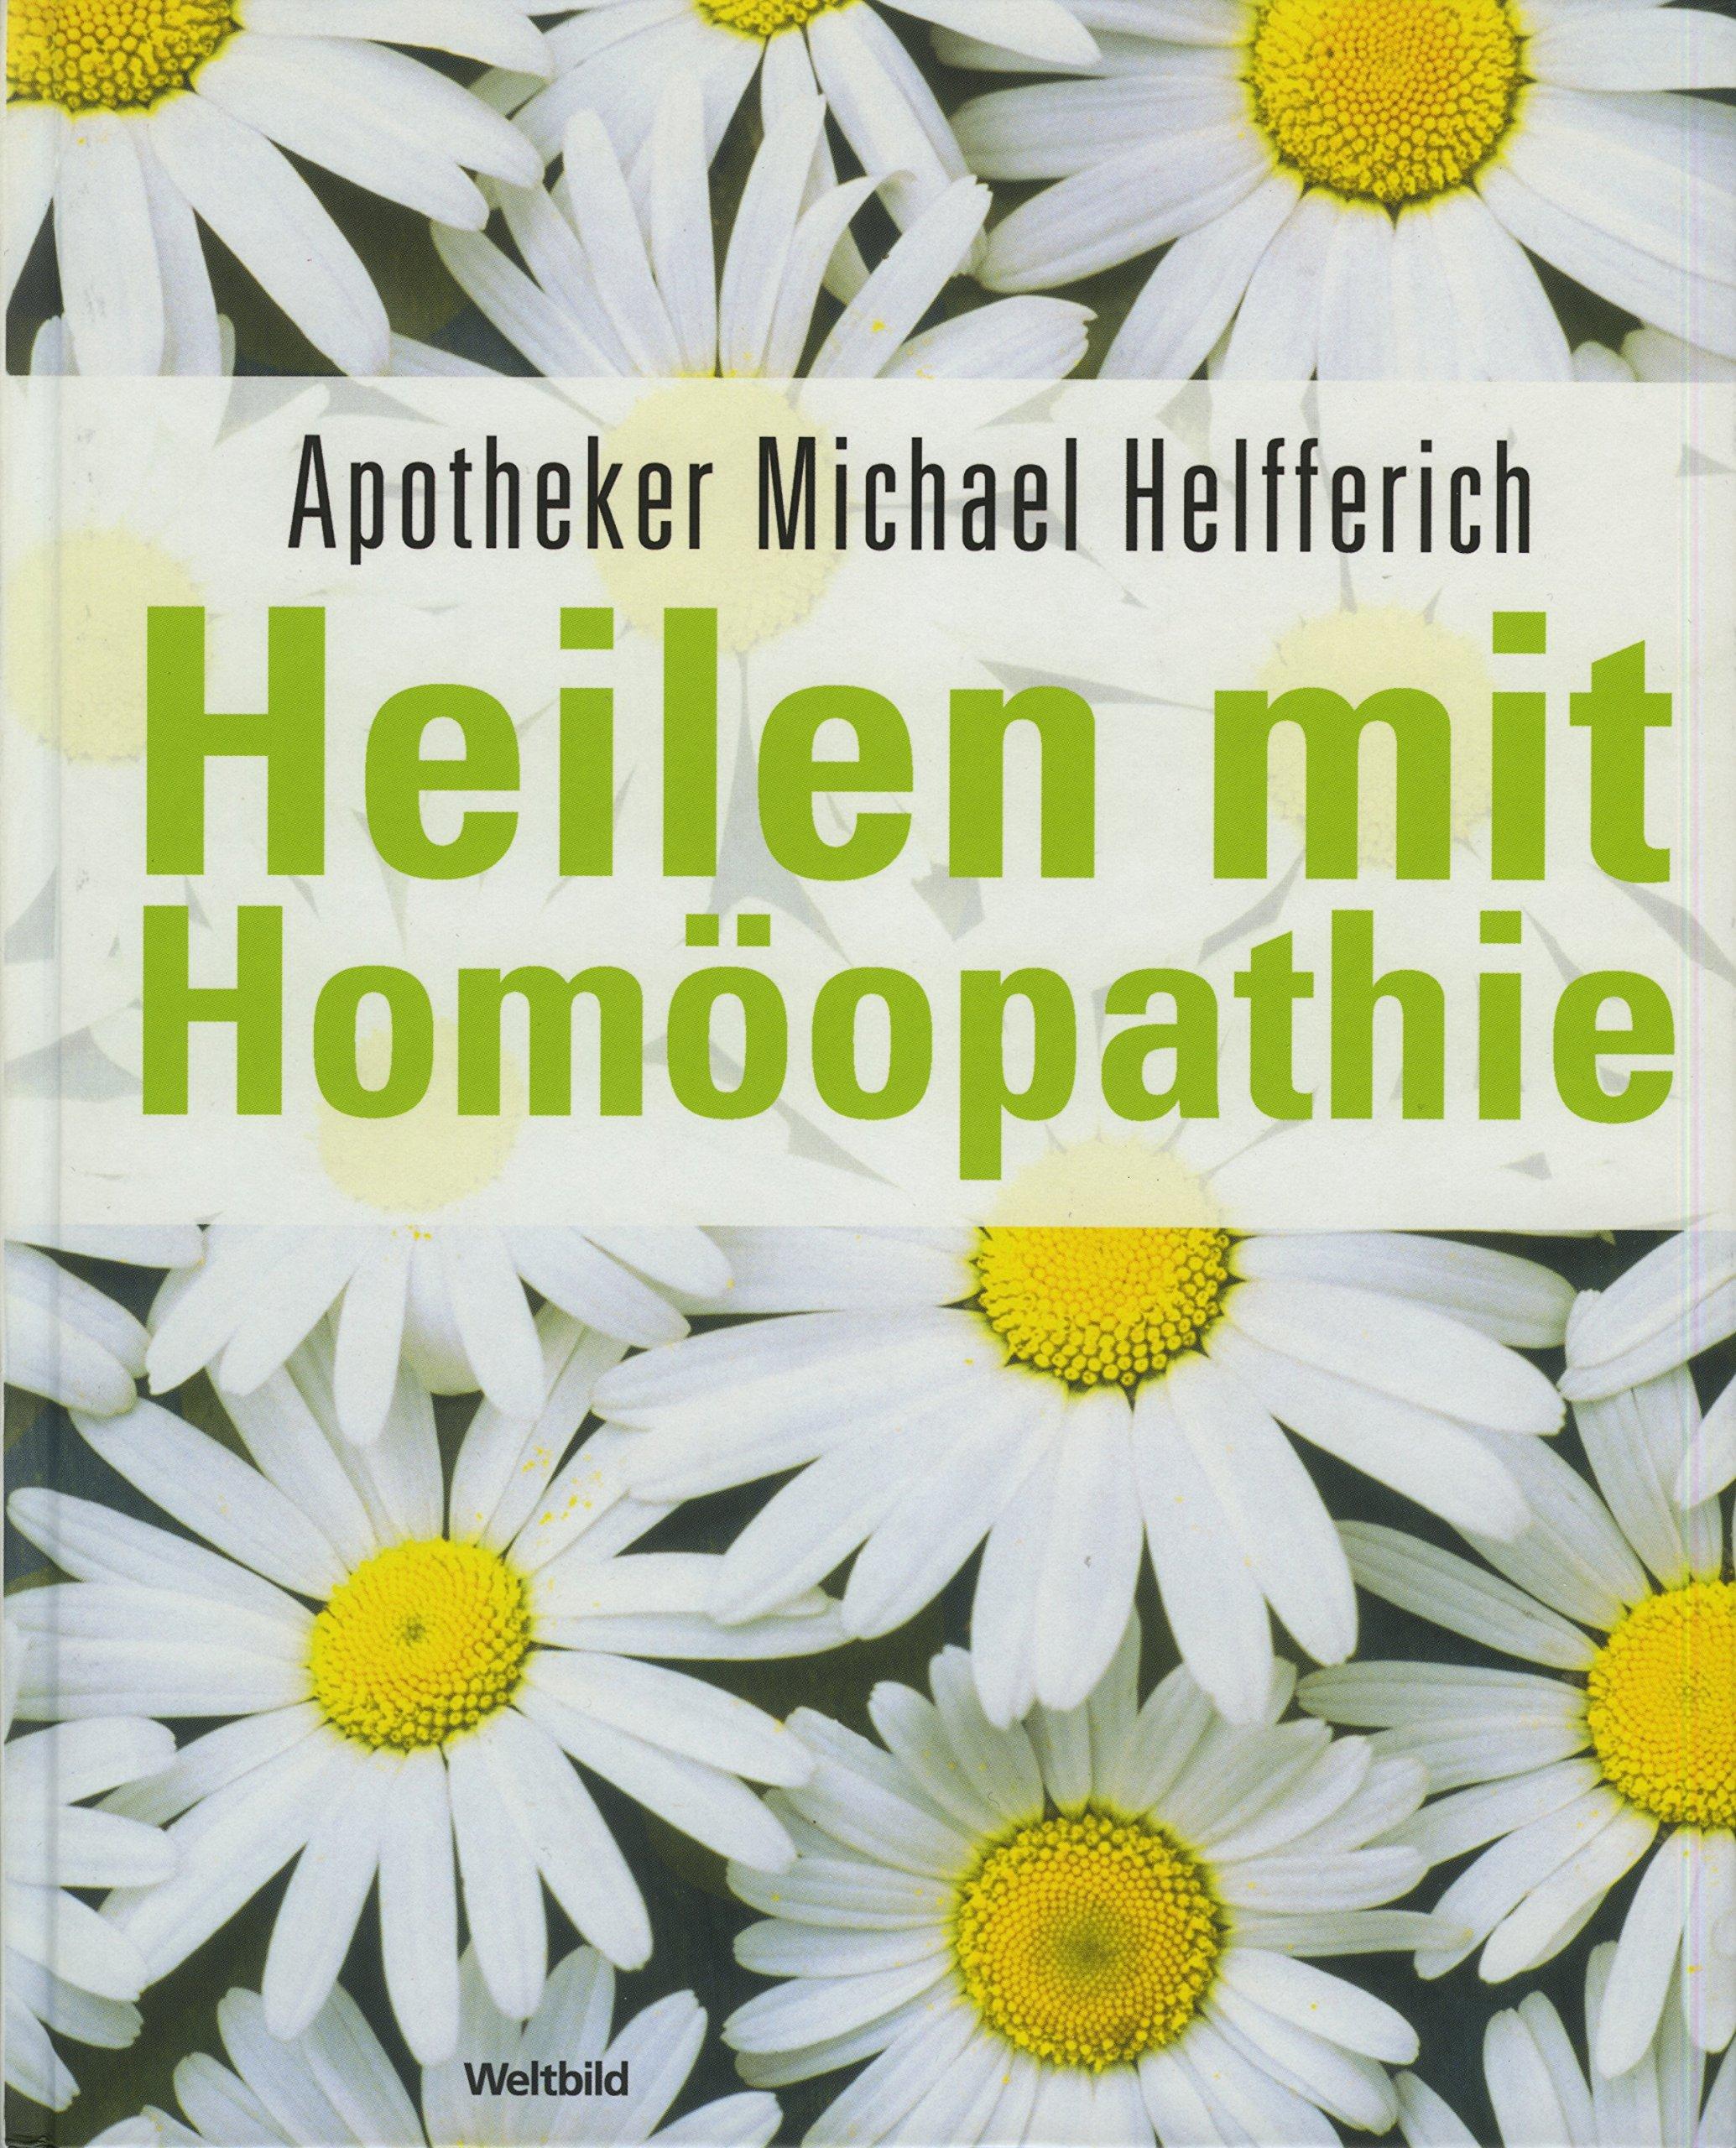 Heilen mit Homöopathie